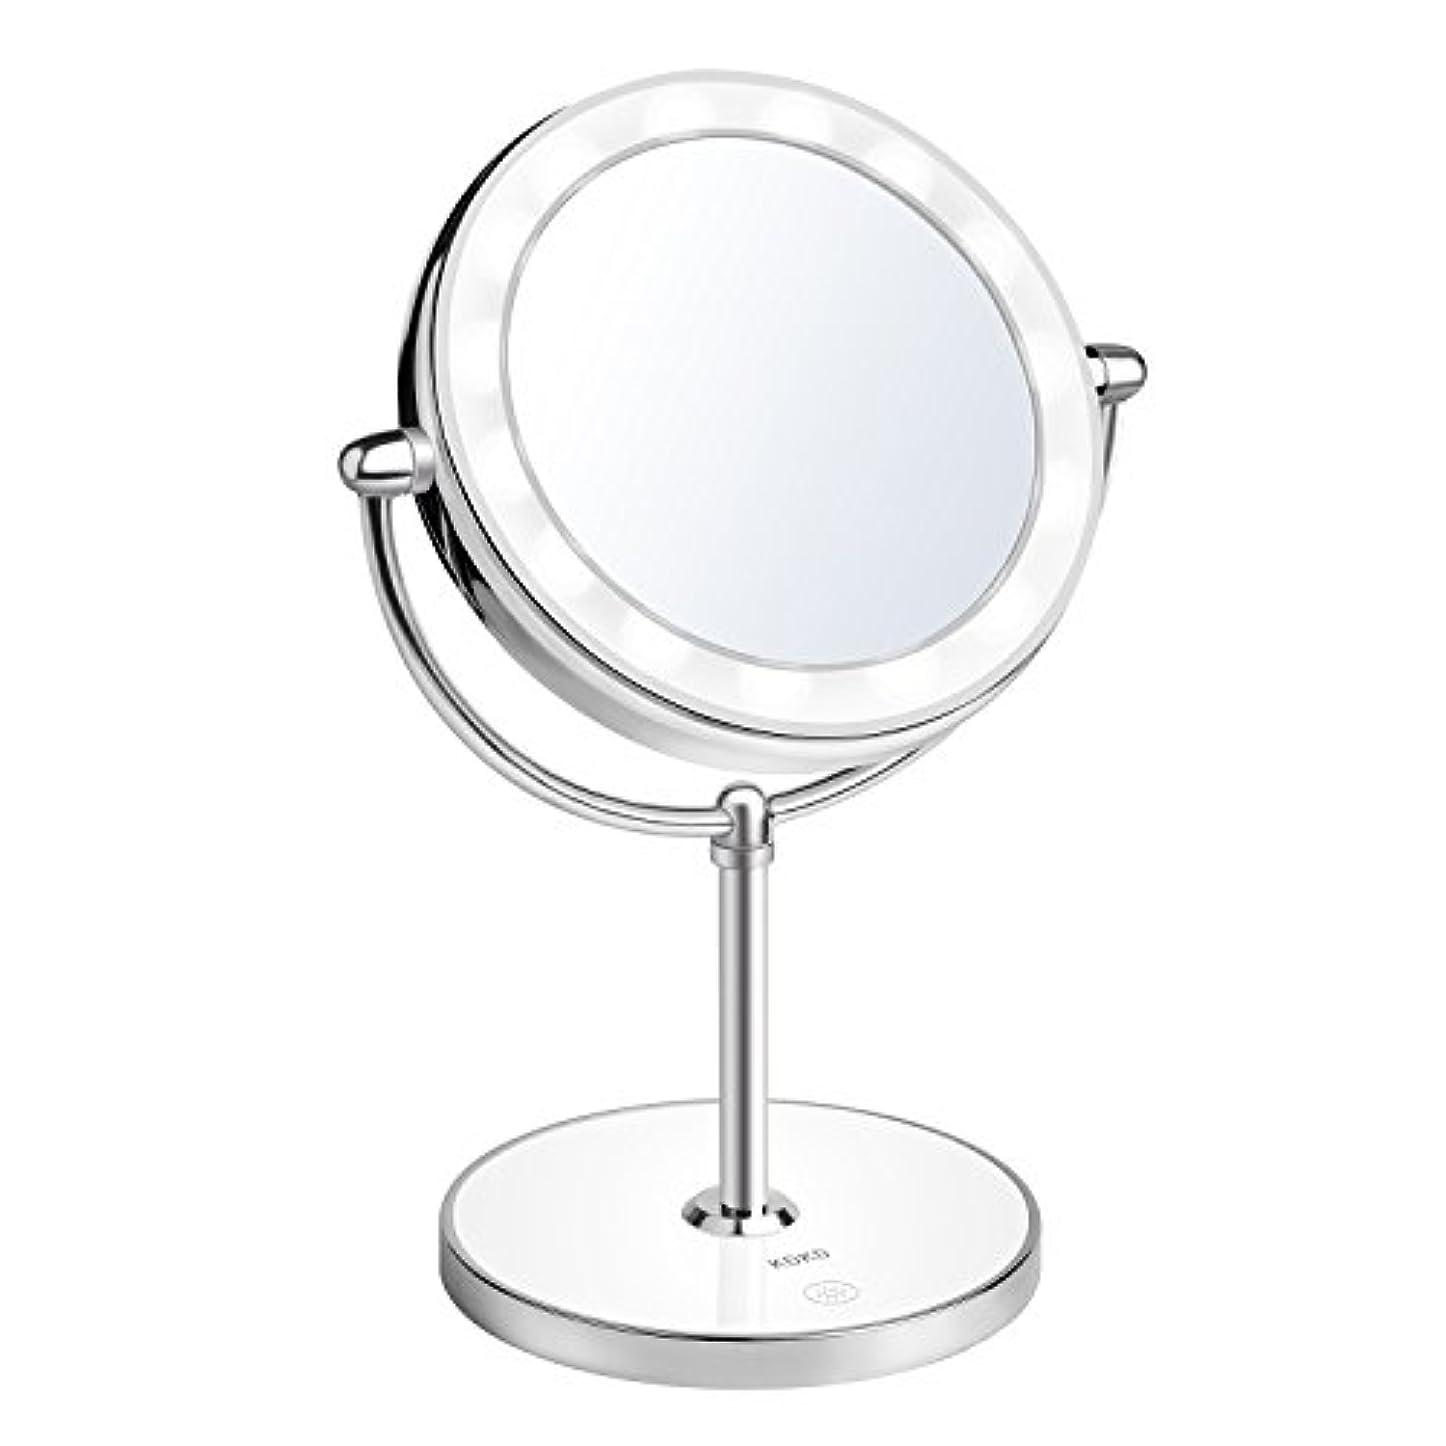 一般的に言えば推測する航空KDKD LED光る ライト付き化粧鏡 回転式 1X 及び7倍率ミラー タッチ制御で調光可能 ライト付きメイクアップミラー コードレス 卓上鏡  スタンドミラー 充電式両面化粧鏡 銀色